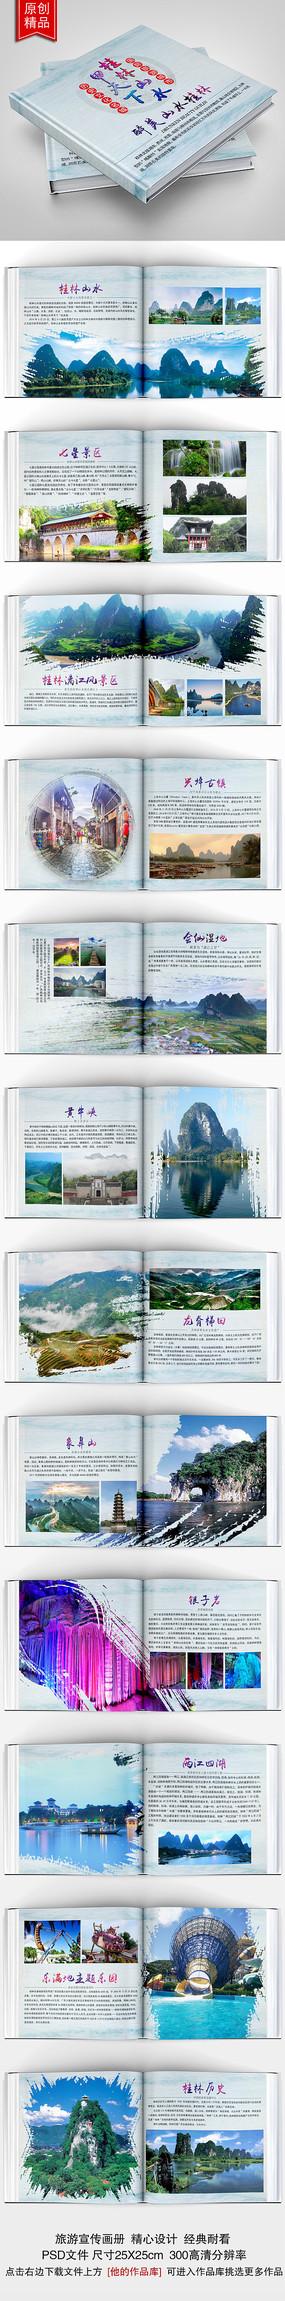 中国风旅游画册 PSD